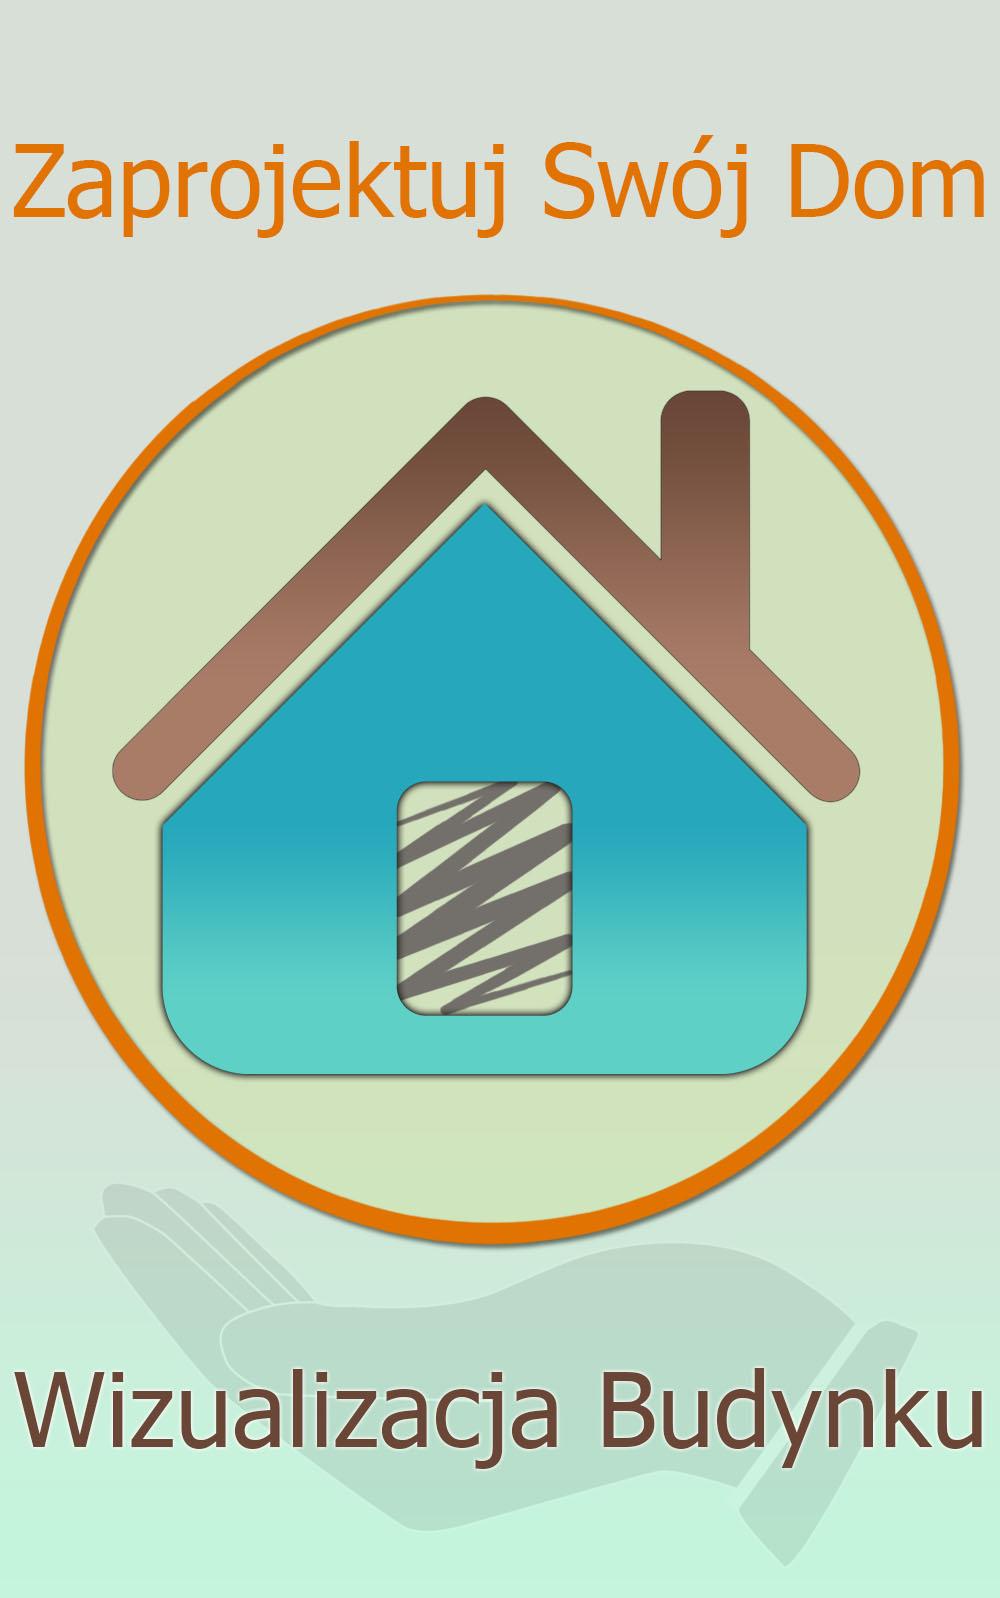 5fa2f96a4843a7 Ocieplanie budynków, Ocieplenia, Docieplenia cennik, Docieplanie ...